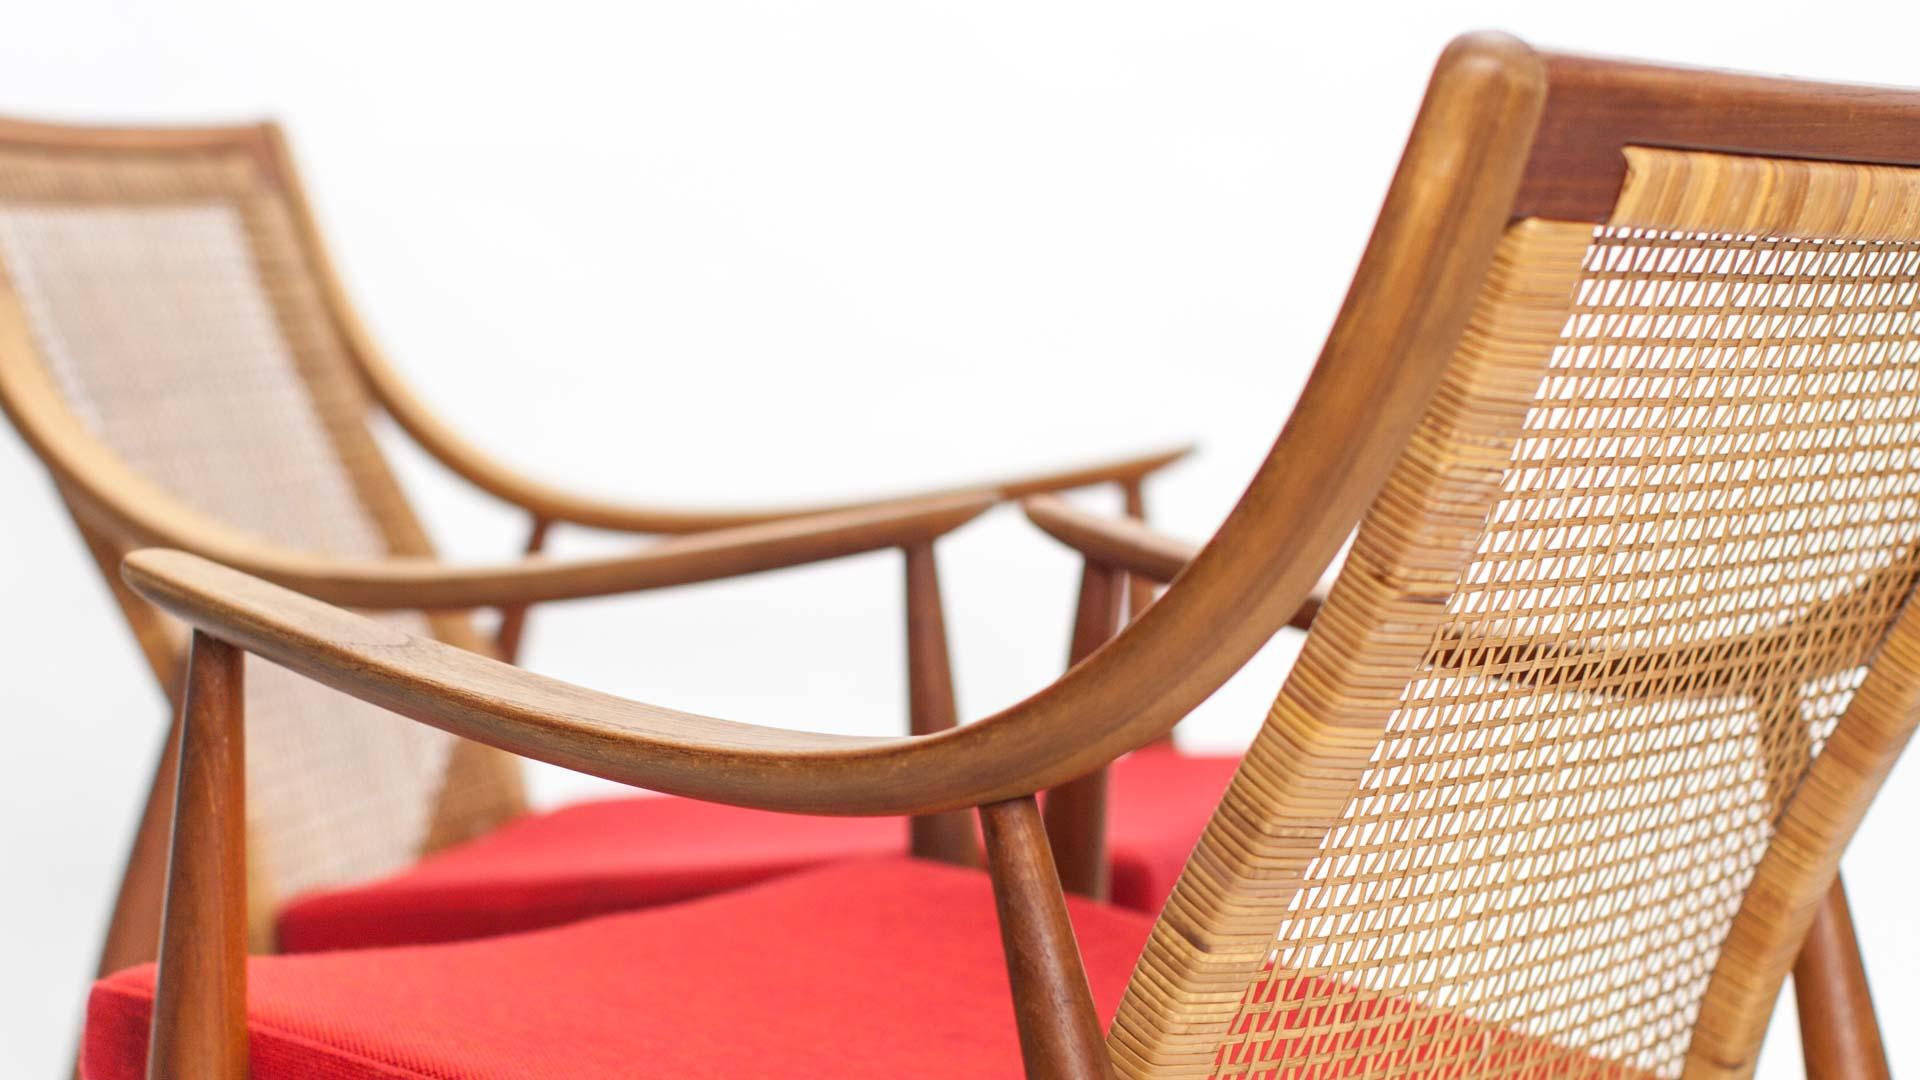 peter-hvidt-orla-moegaard-nielsen-easy-chairs-12